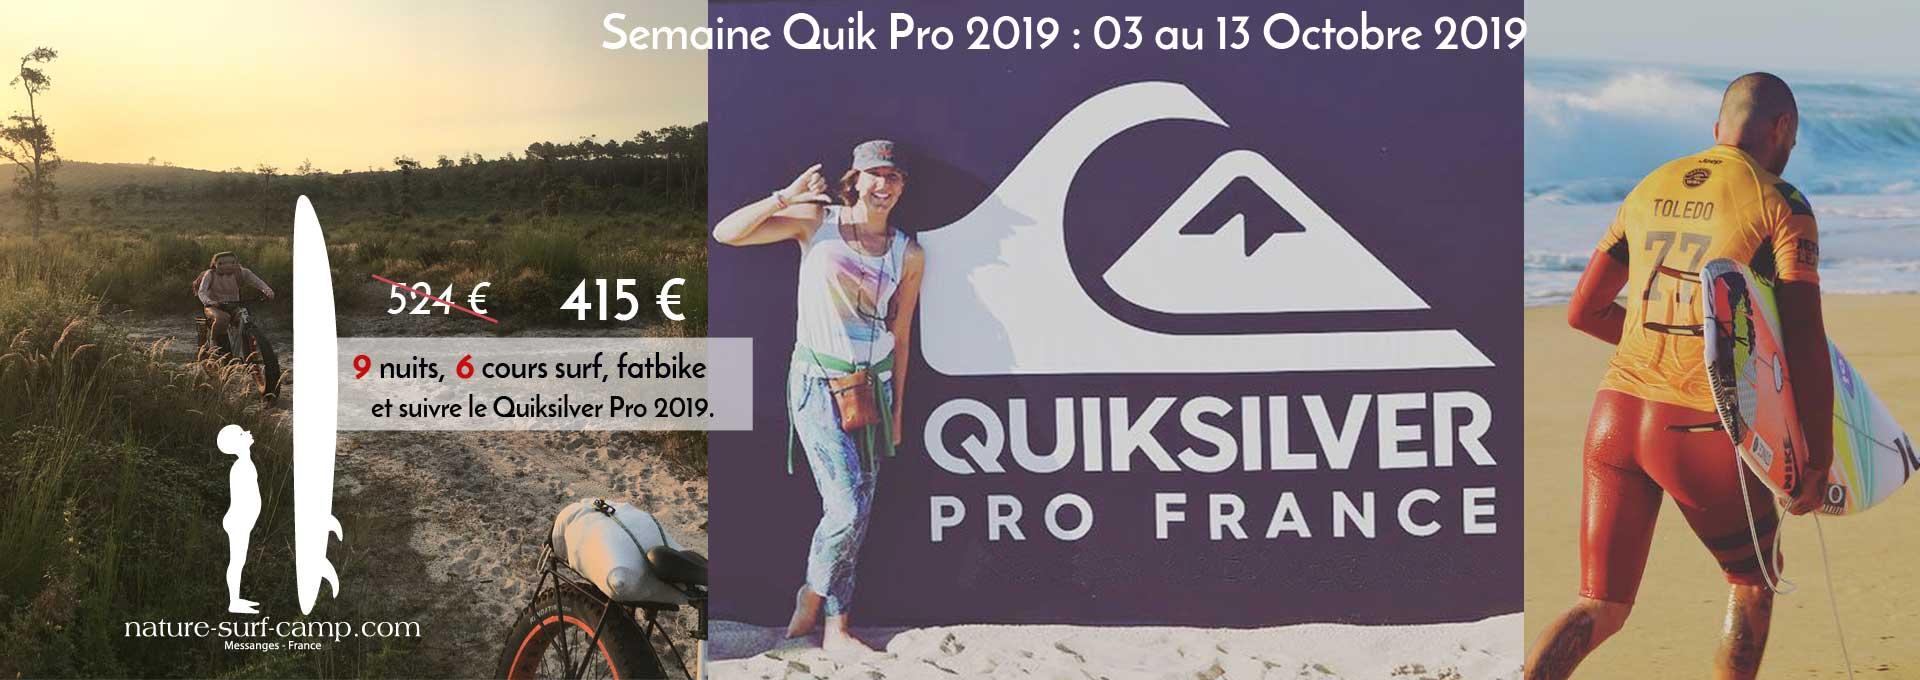 Semaine Quick pro 2019 : Du Surf, des pros et des Fatbikes